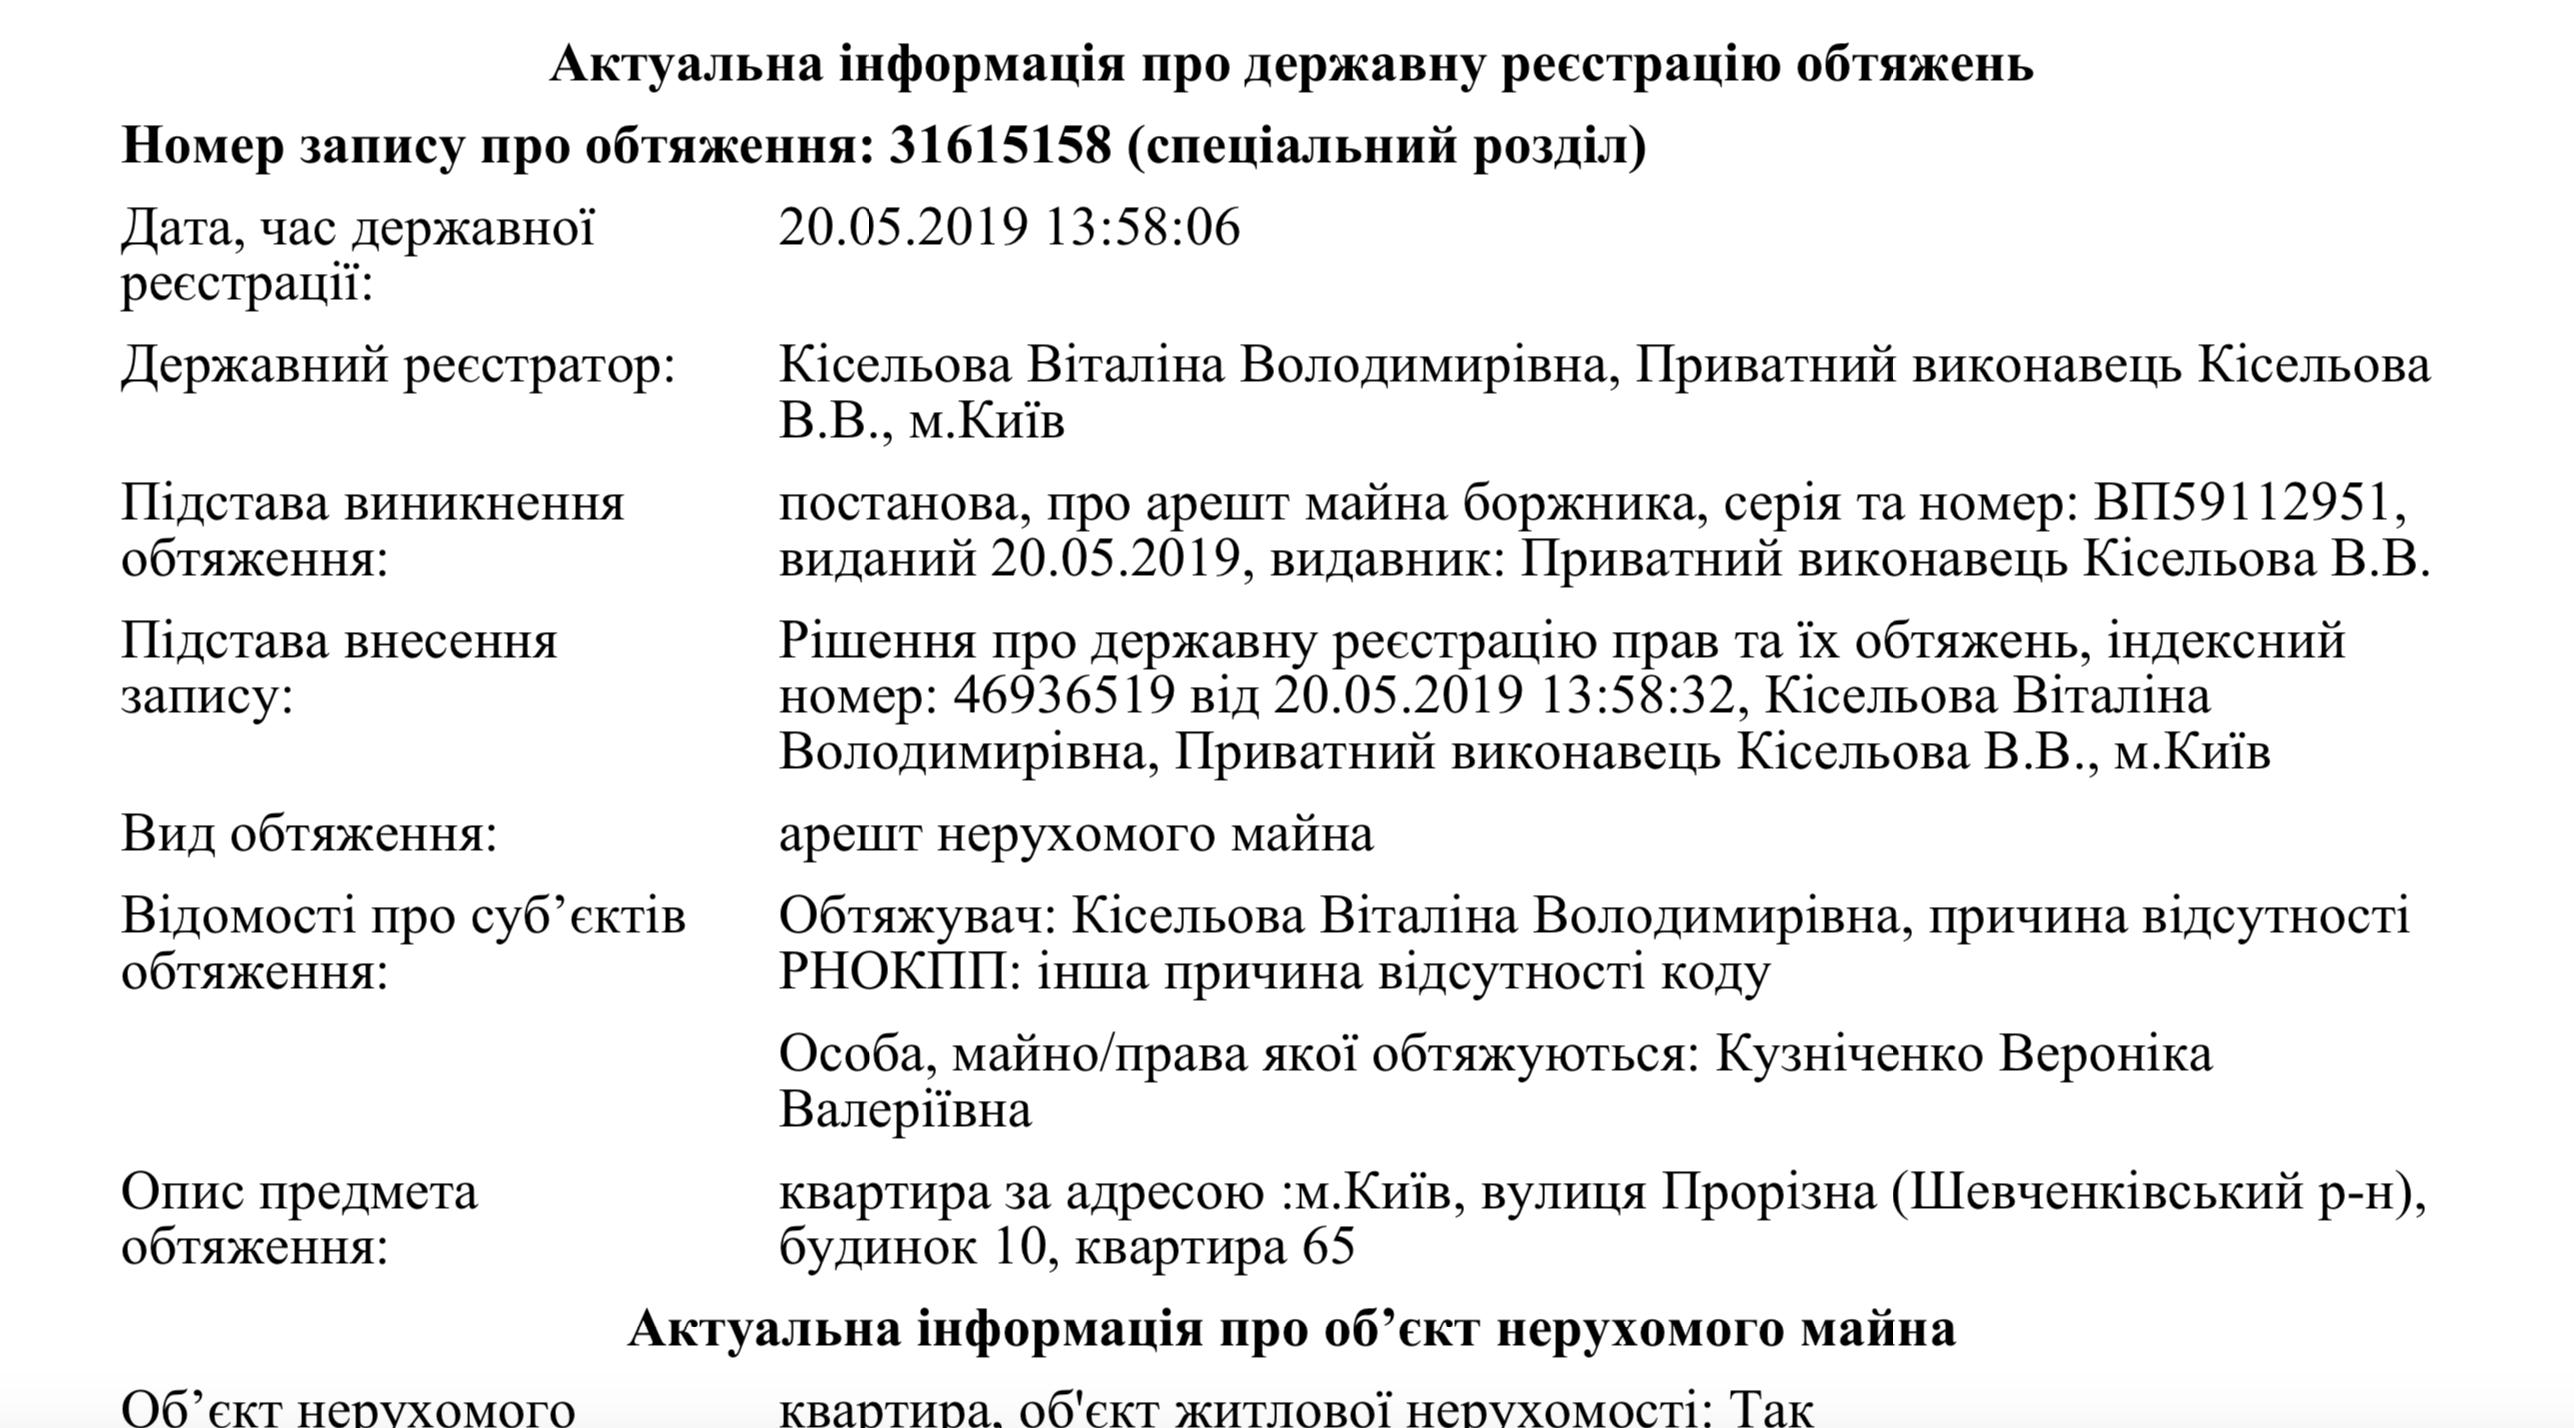 image http://forum.setam.net.ua/assets/images/873-vAANsRKx4INuYP1r.png